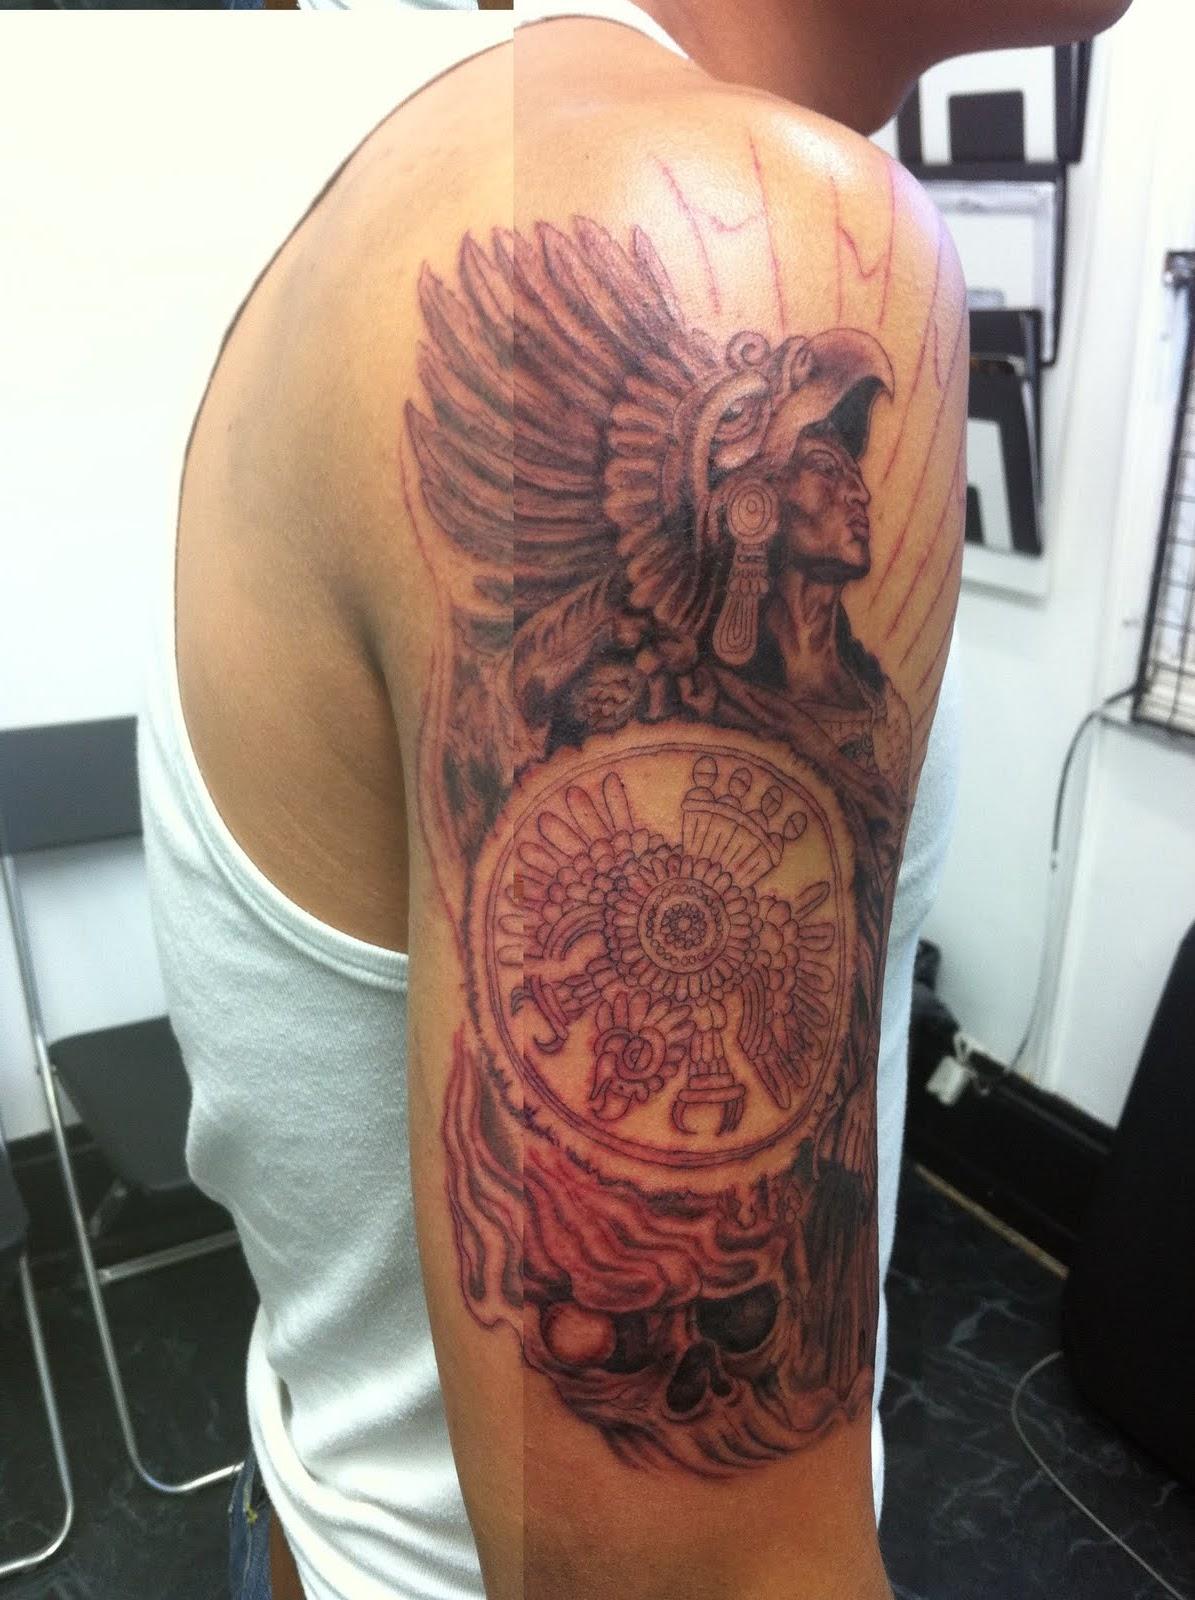 My Tattoo Designs: Aztec Warrior Tattoo